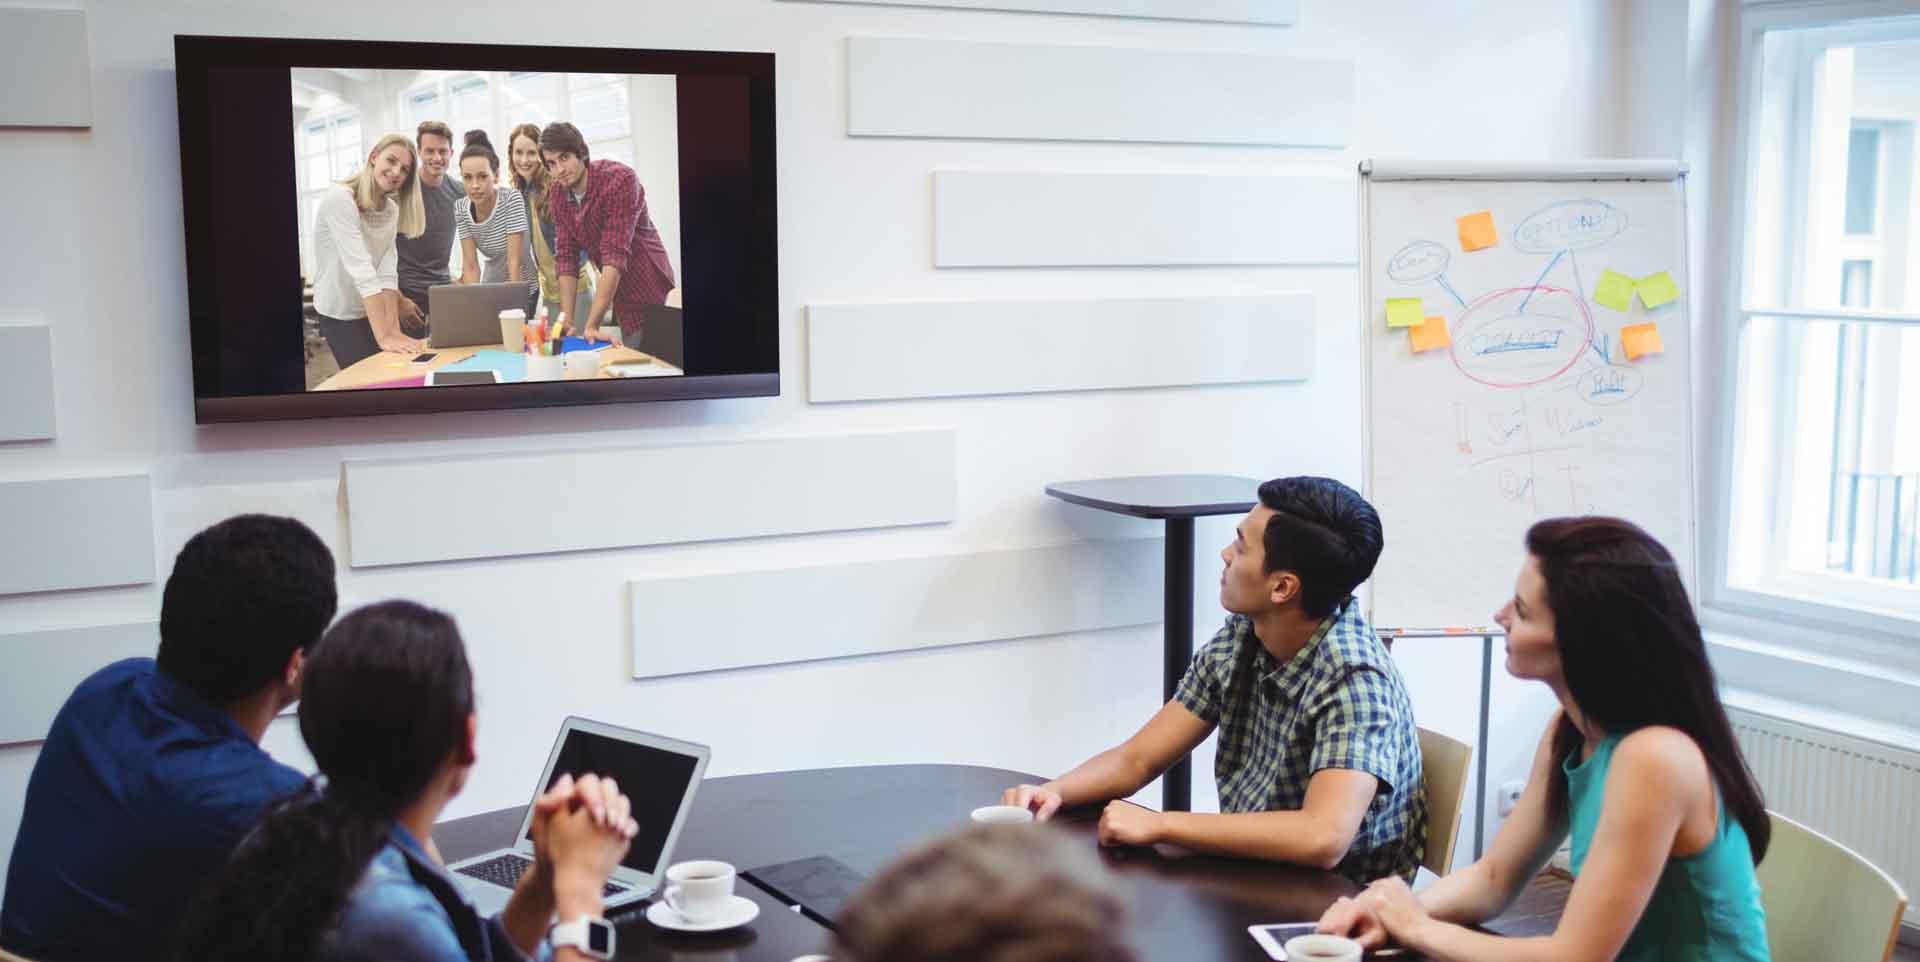 Una sala aziendale per le videoconferenze ben attrezzata può risolvere molti dei problemi che hai durante le videoriunioni e ti aiuta a concentrarti sull'interlocutore